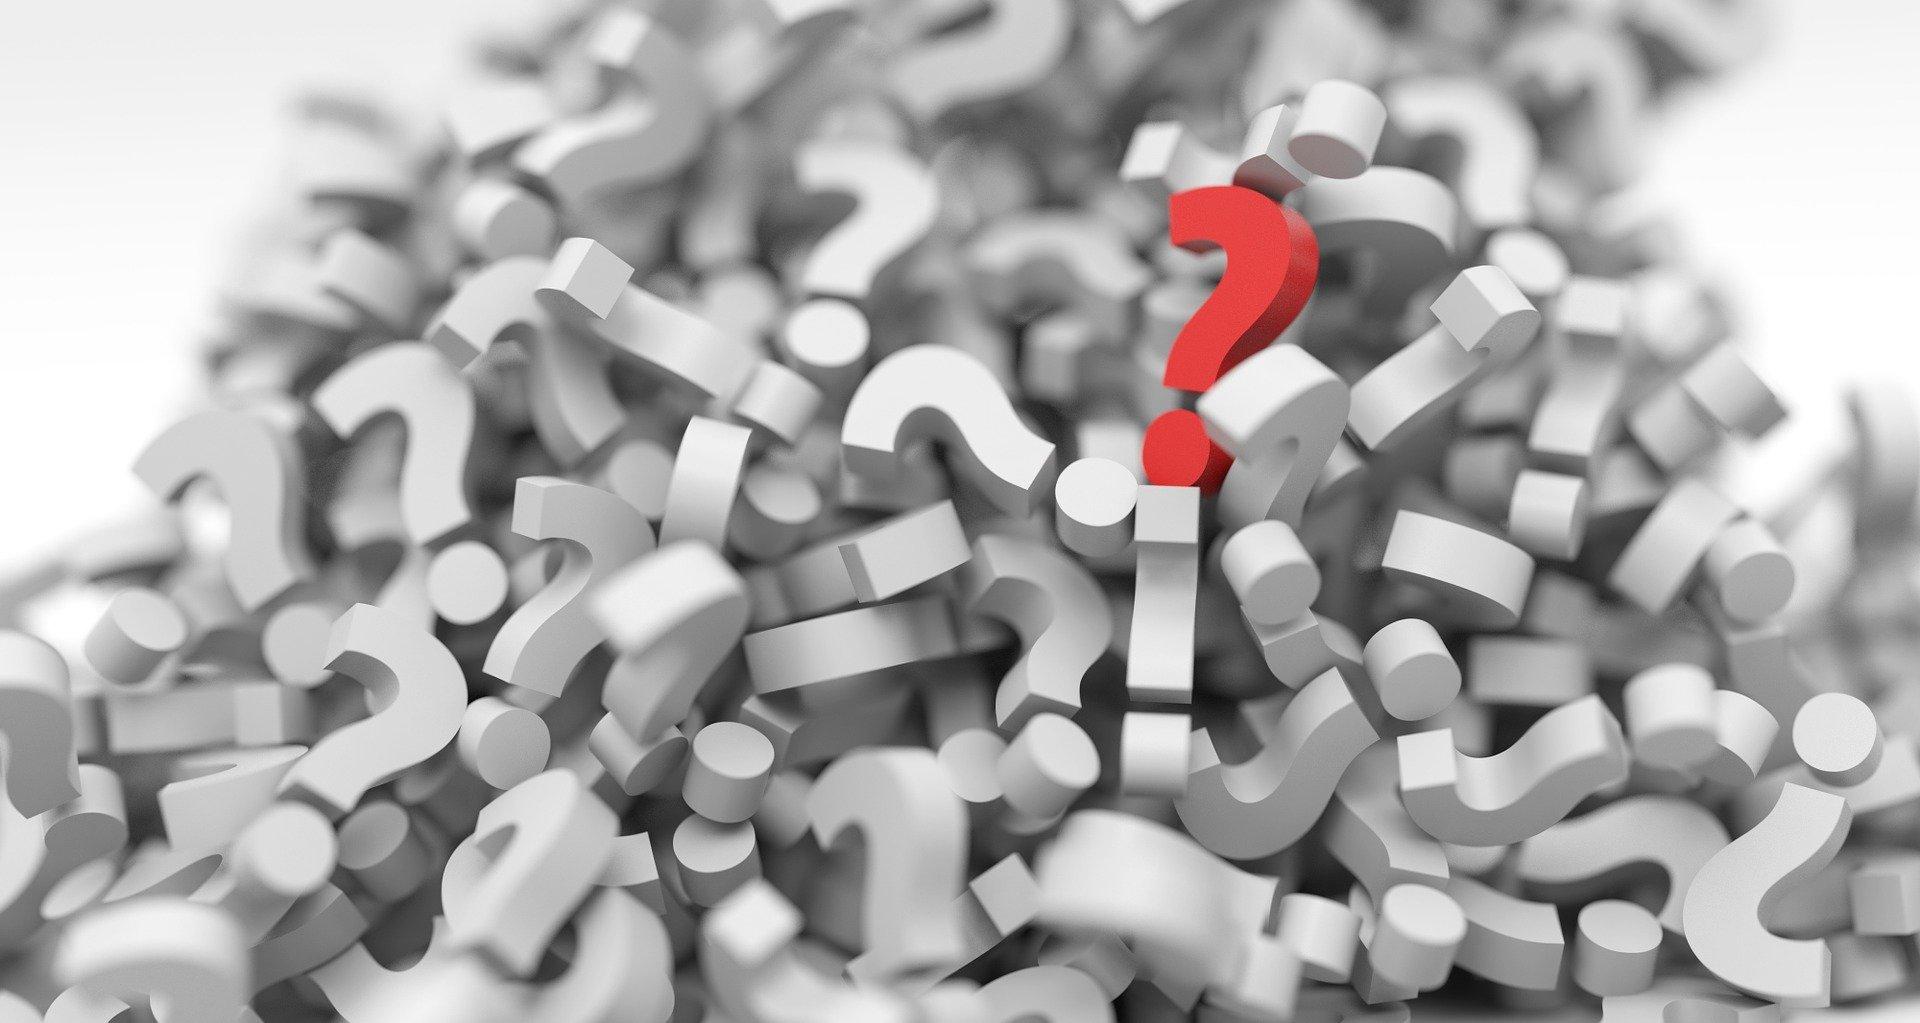 Чи повинен переможець торгів надавати додатково замовникові документи в паперовому вигляді?